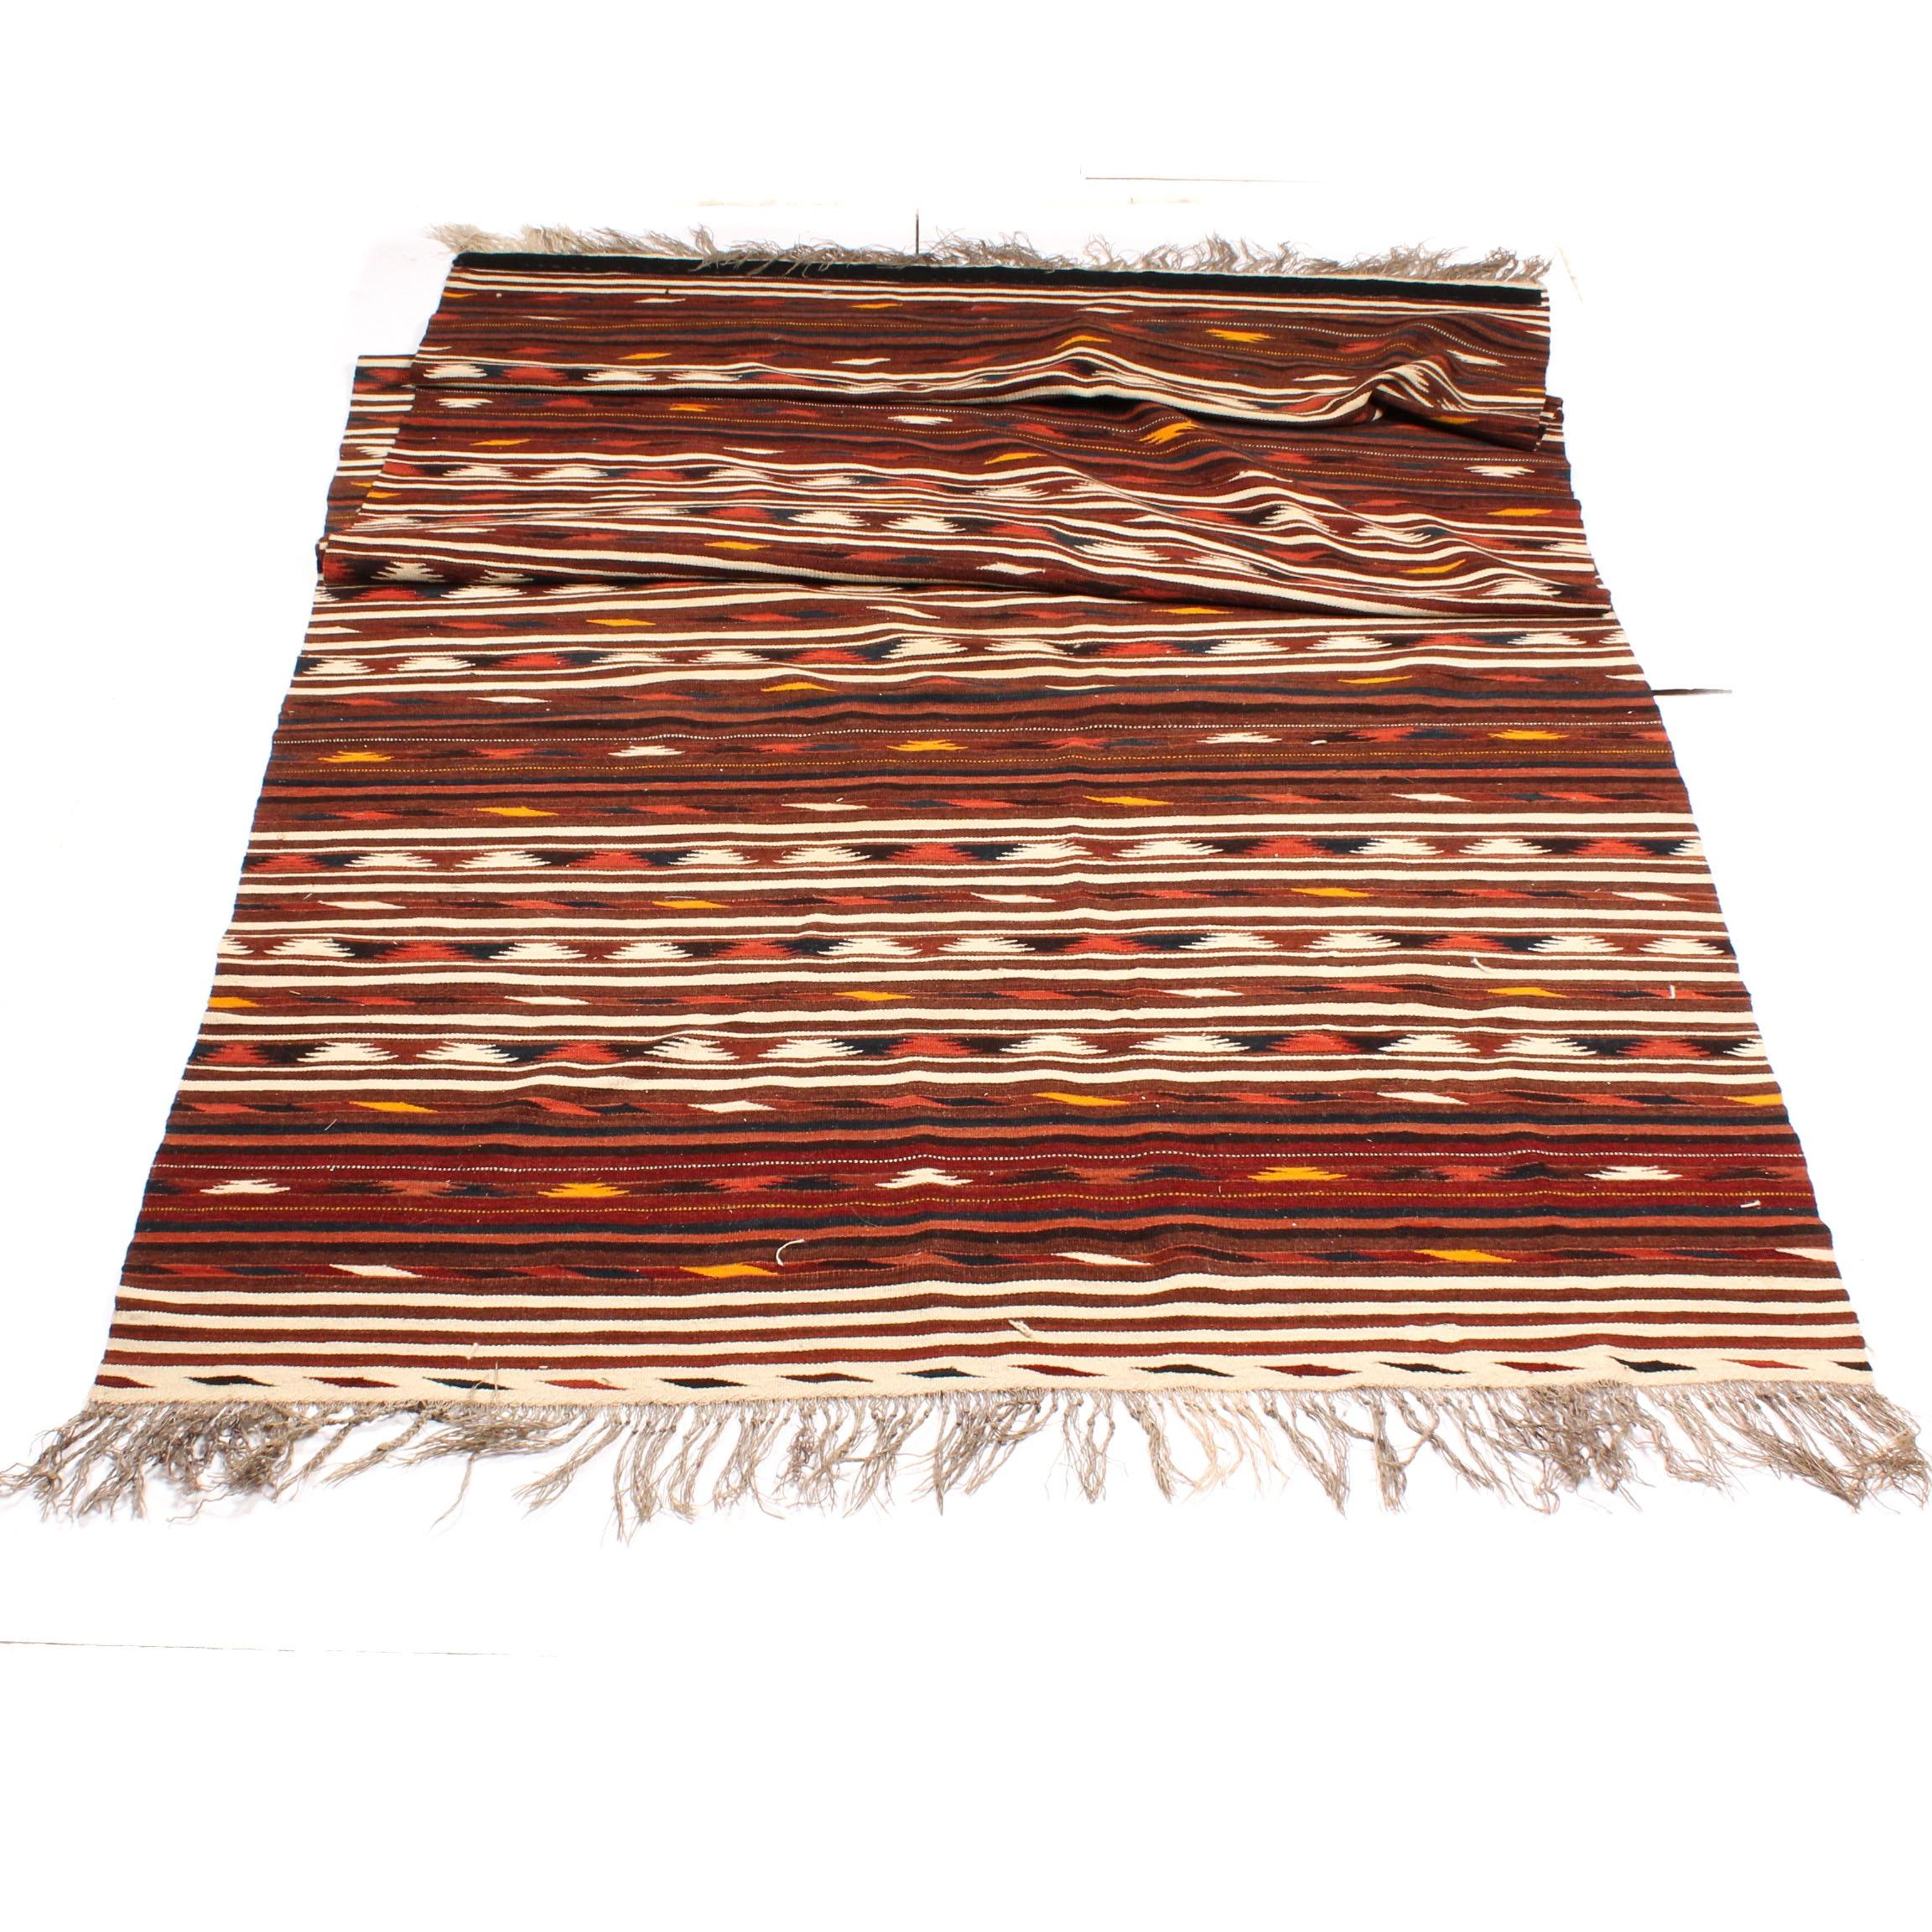 Handwoven Afghan Dali Kilim Long Rug